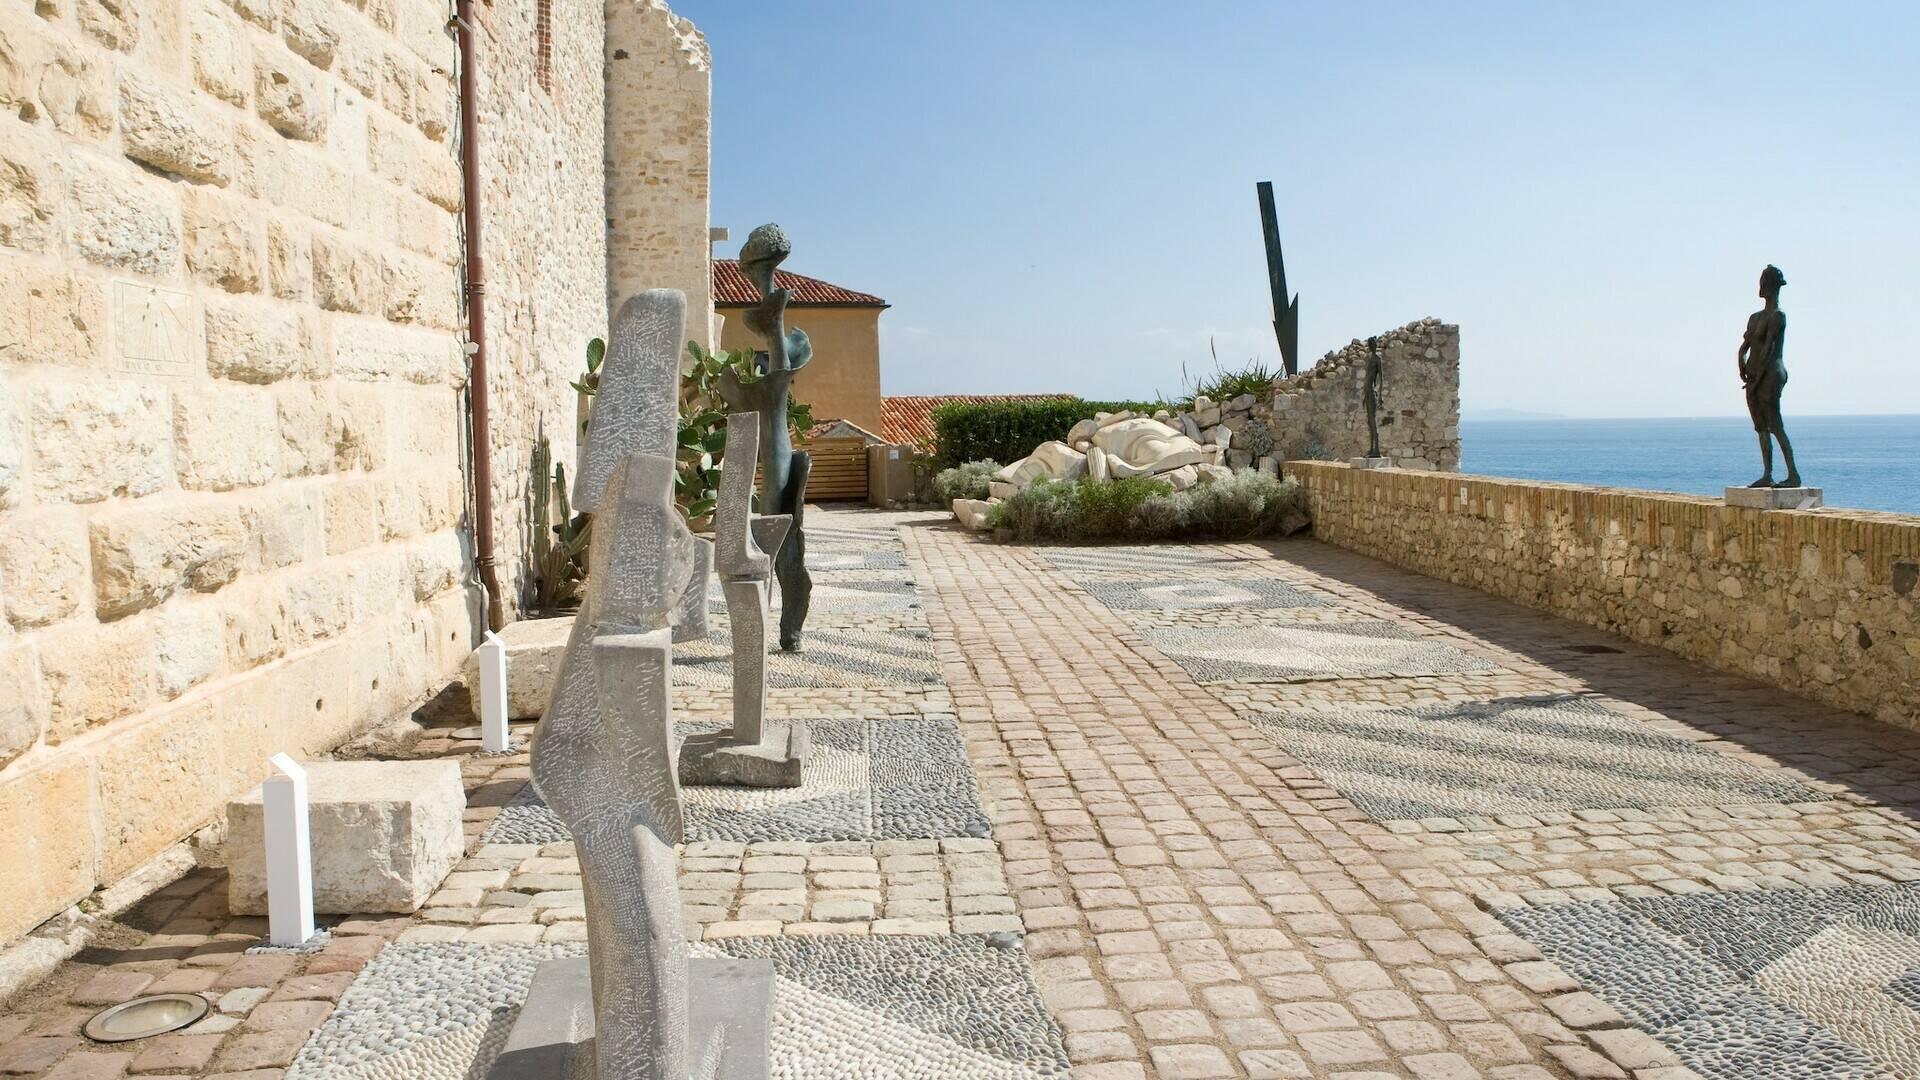 Terrazza di Museo Picasso © J. L. Andral - musée Picasso